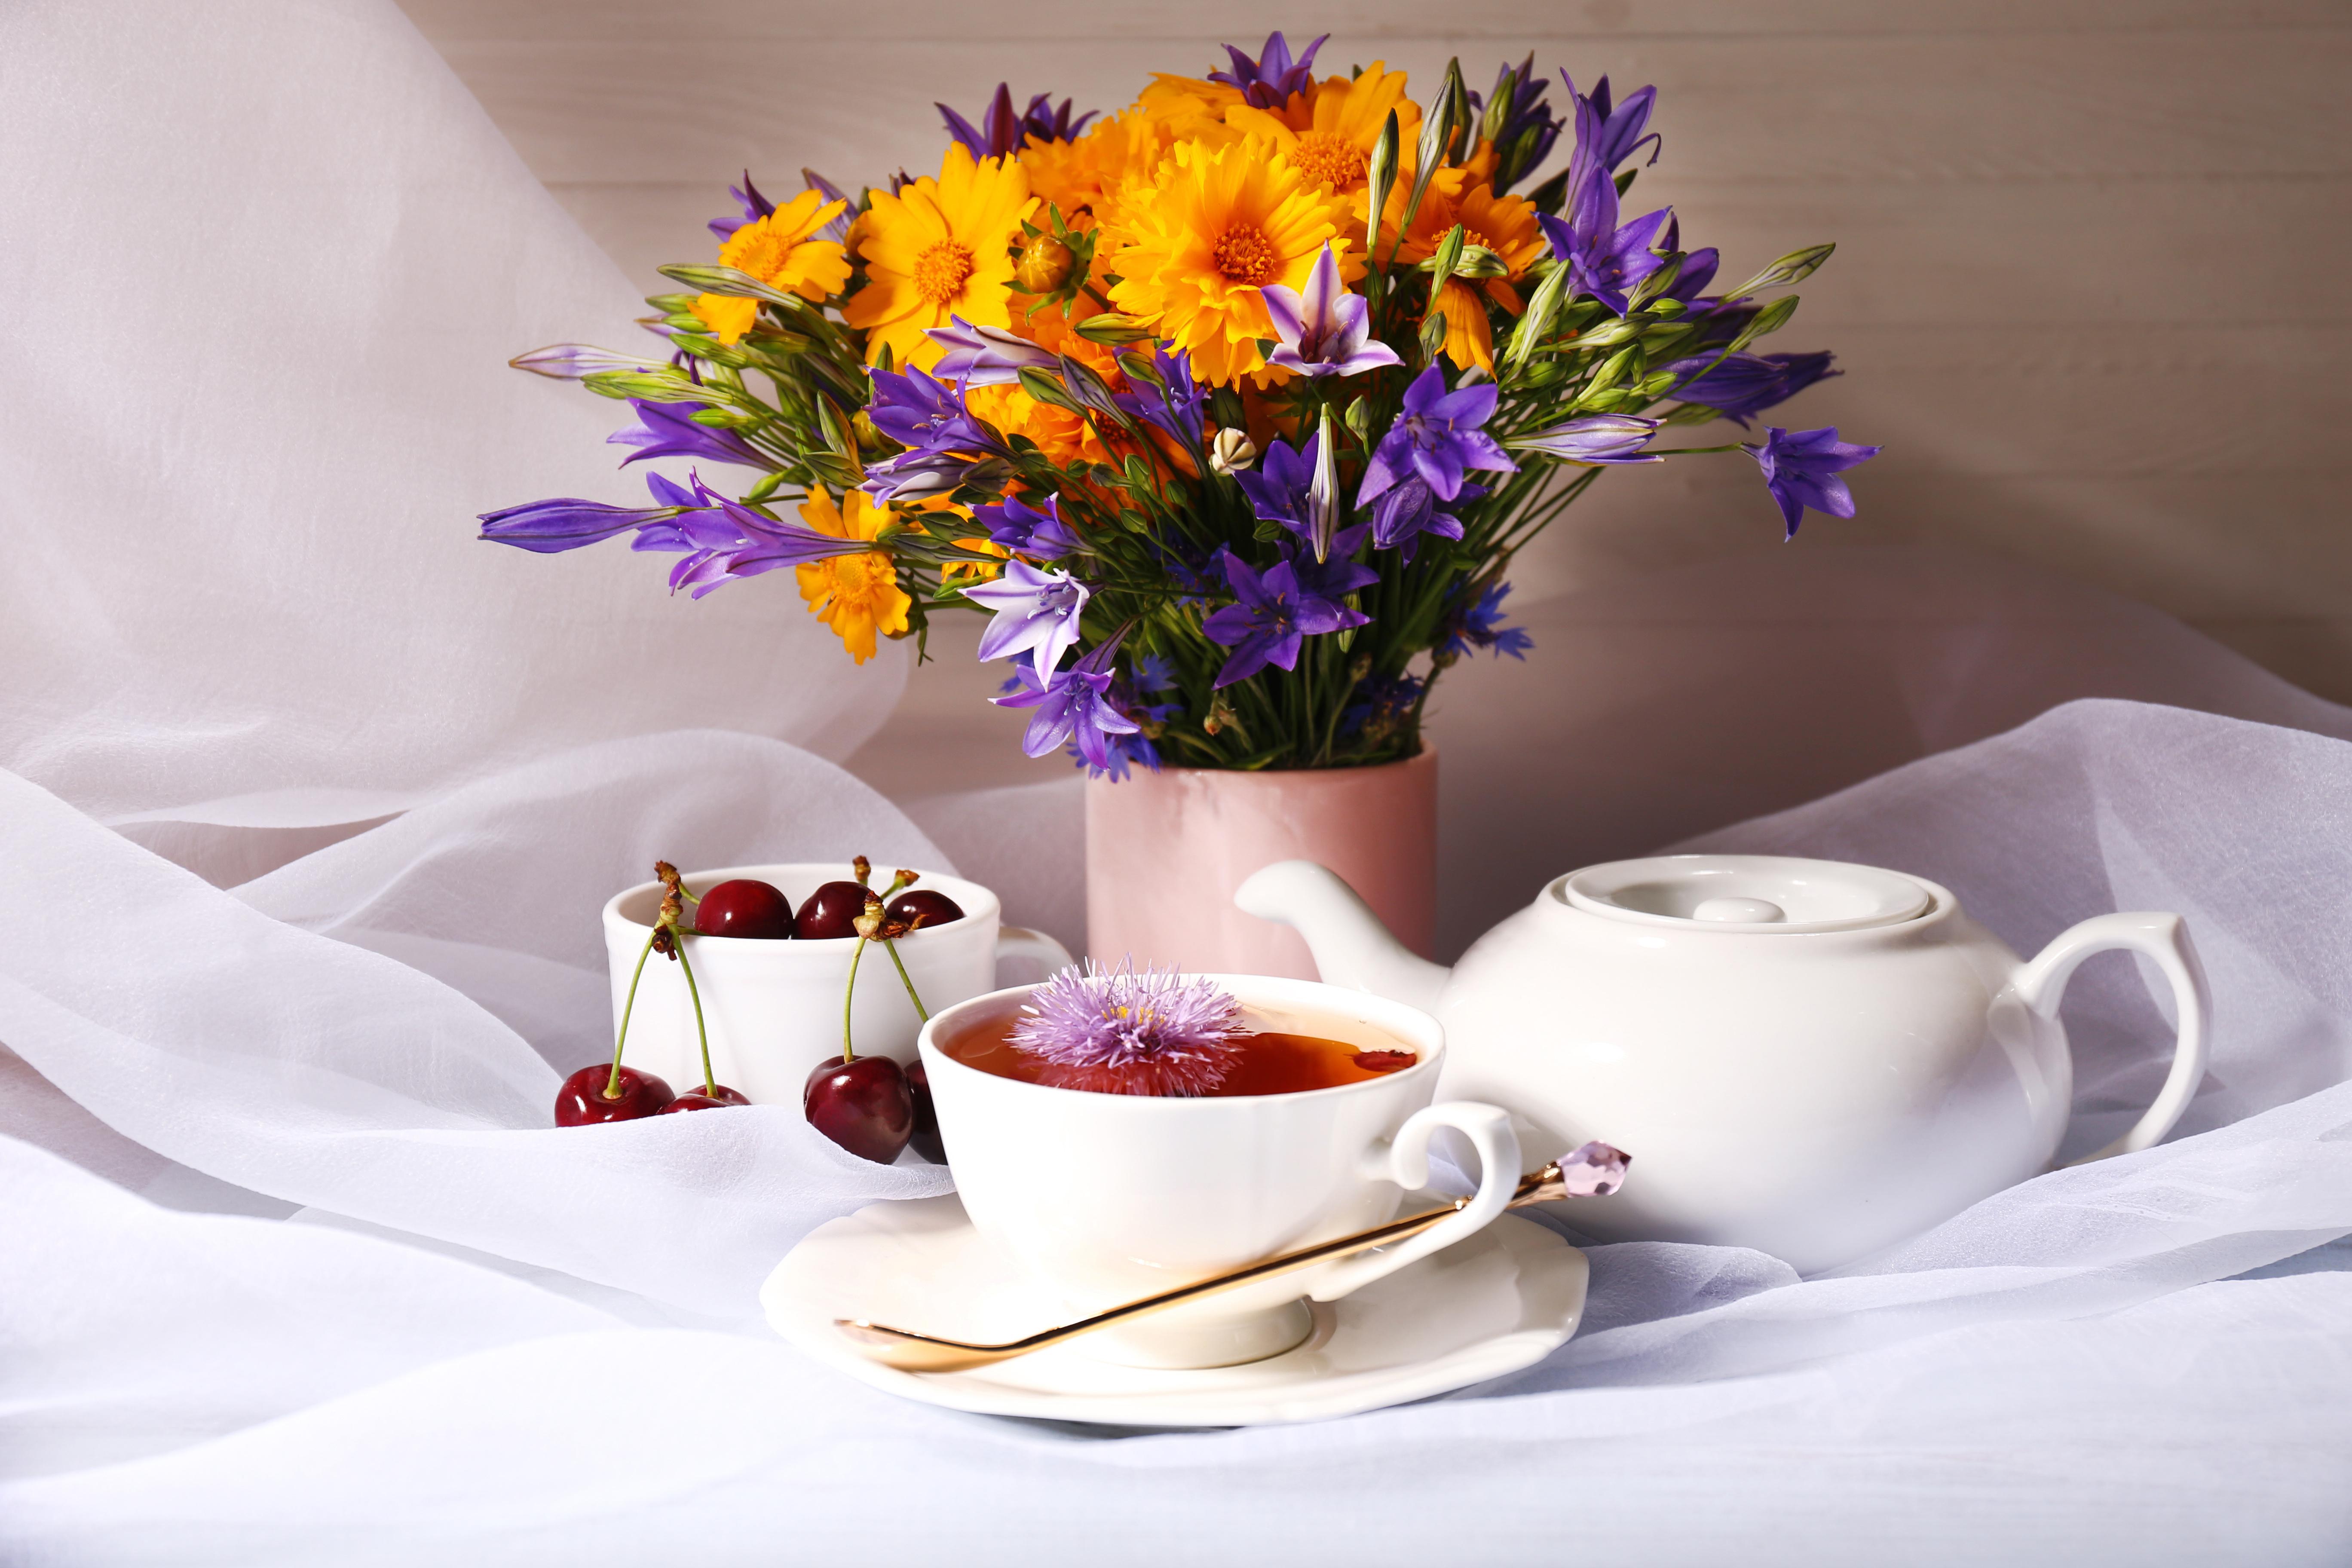 природа цветы чашка  № 1486808 бесплатно